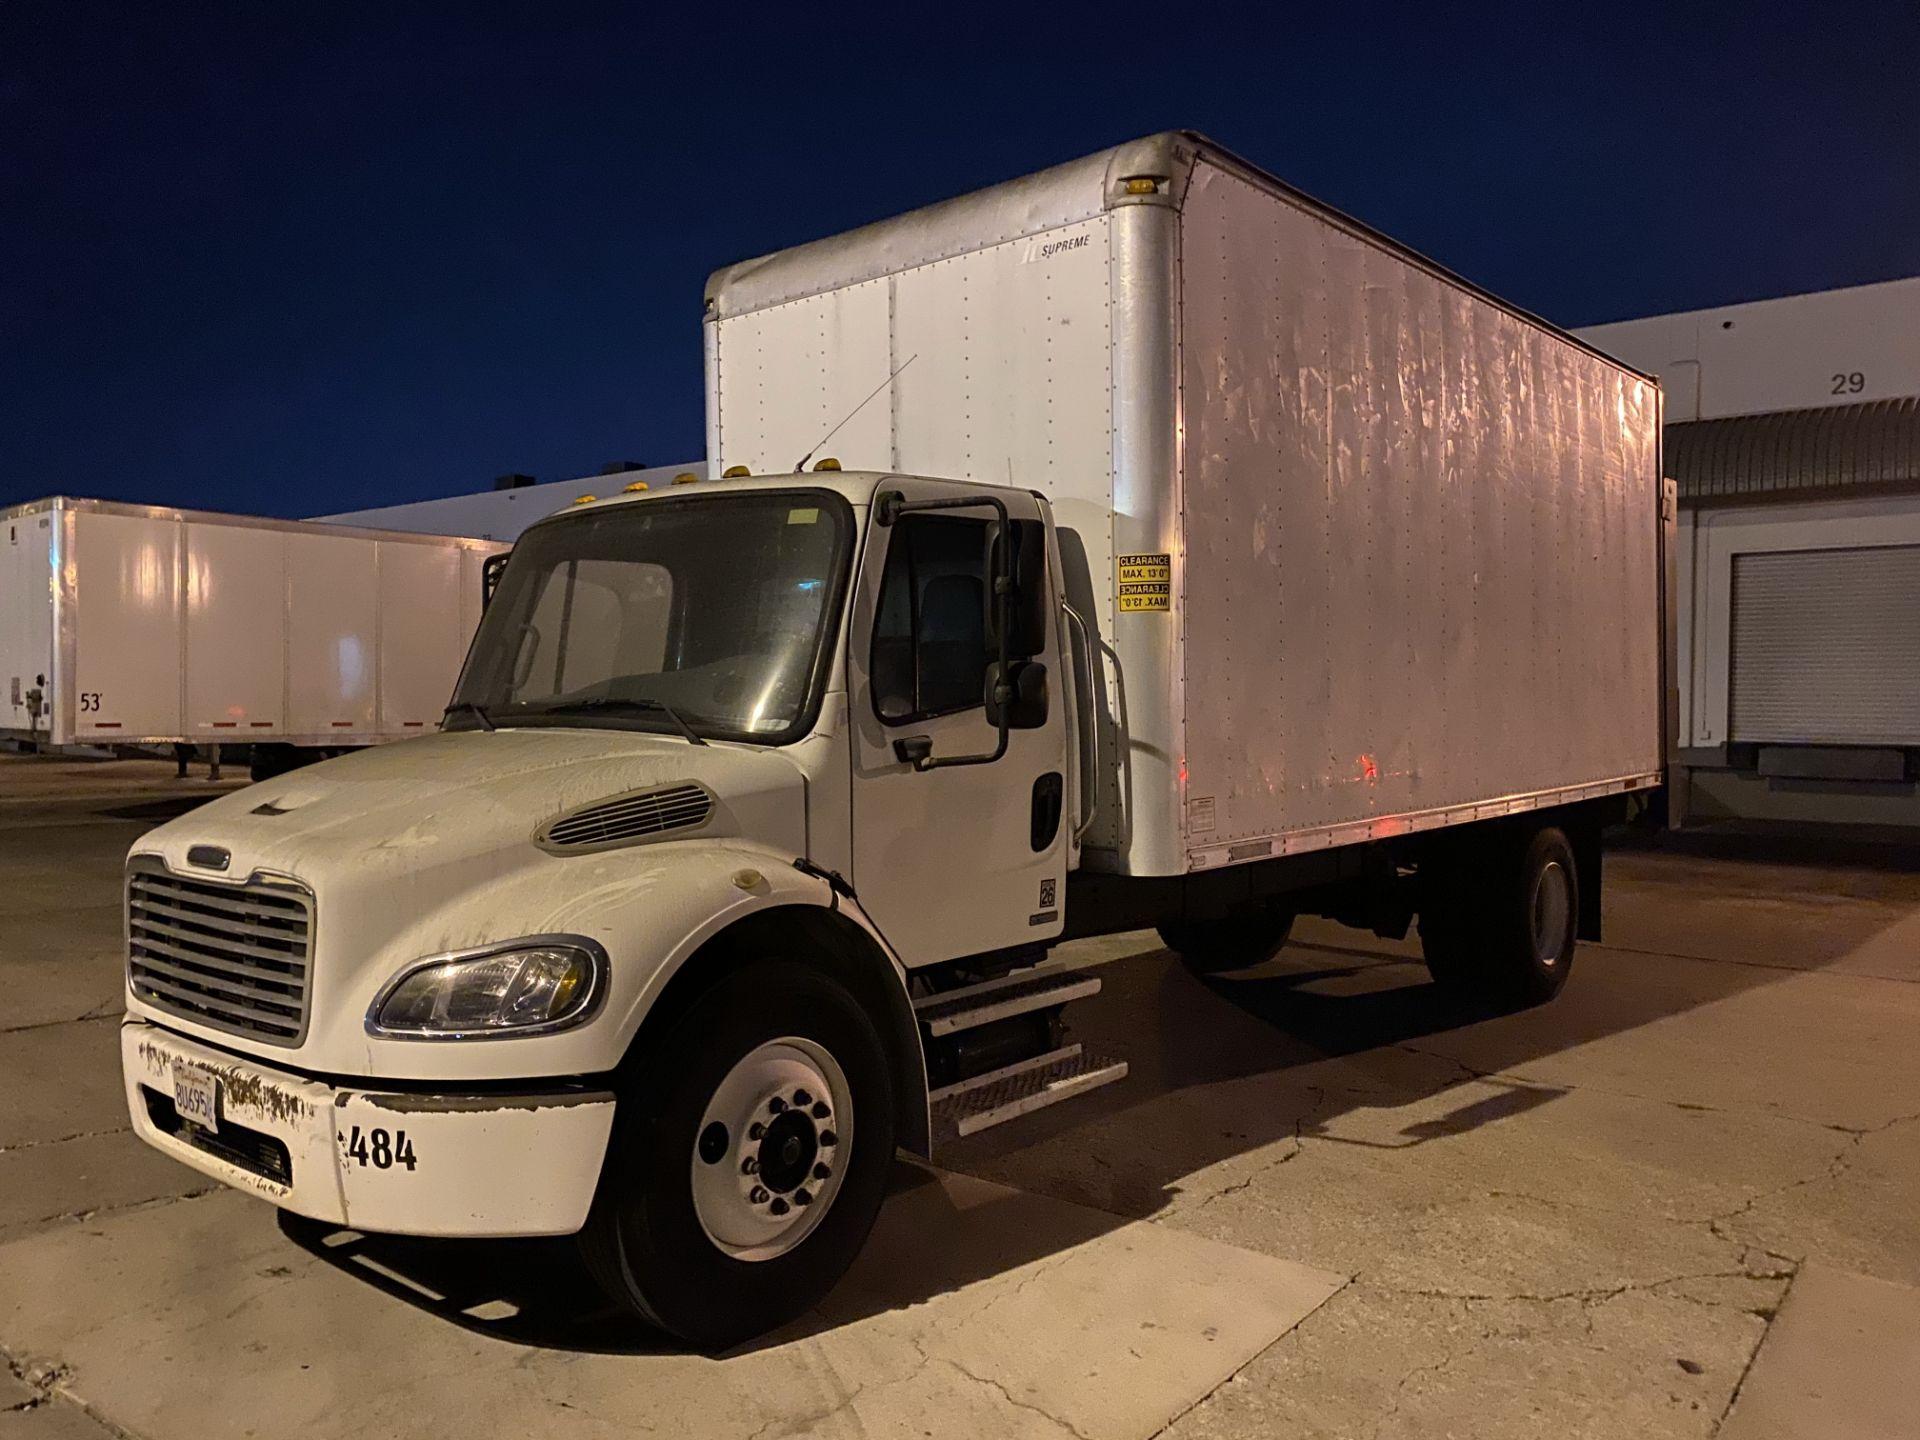 2005 Freightliner dry van truck